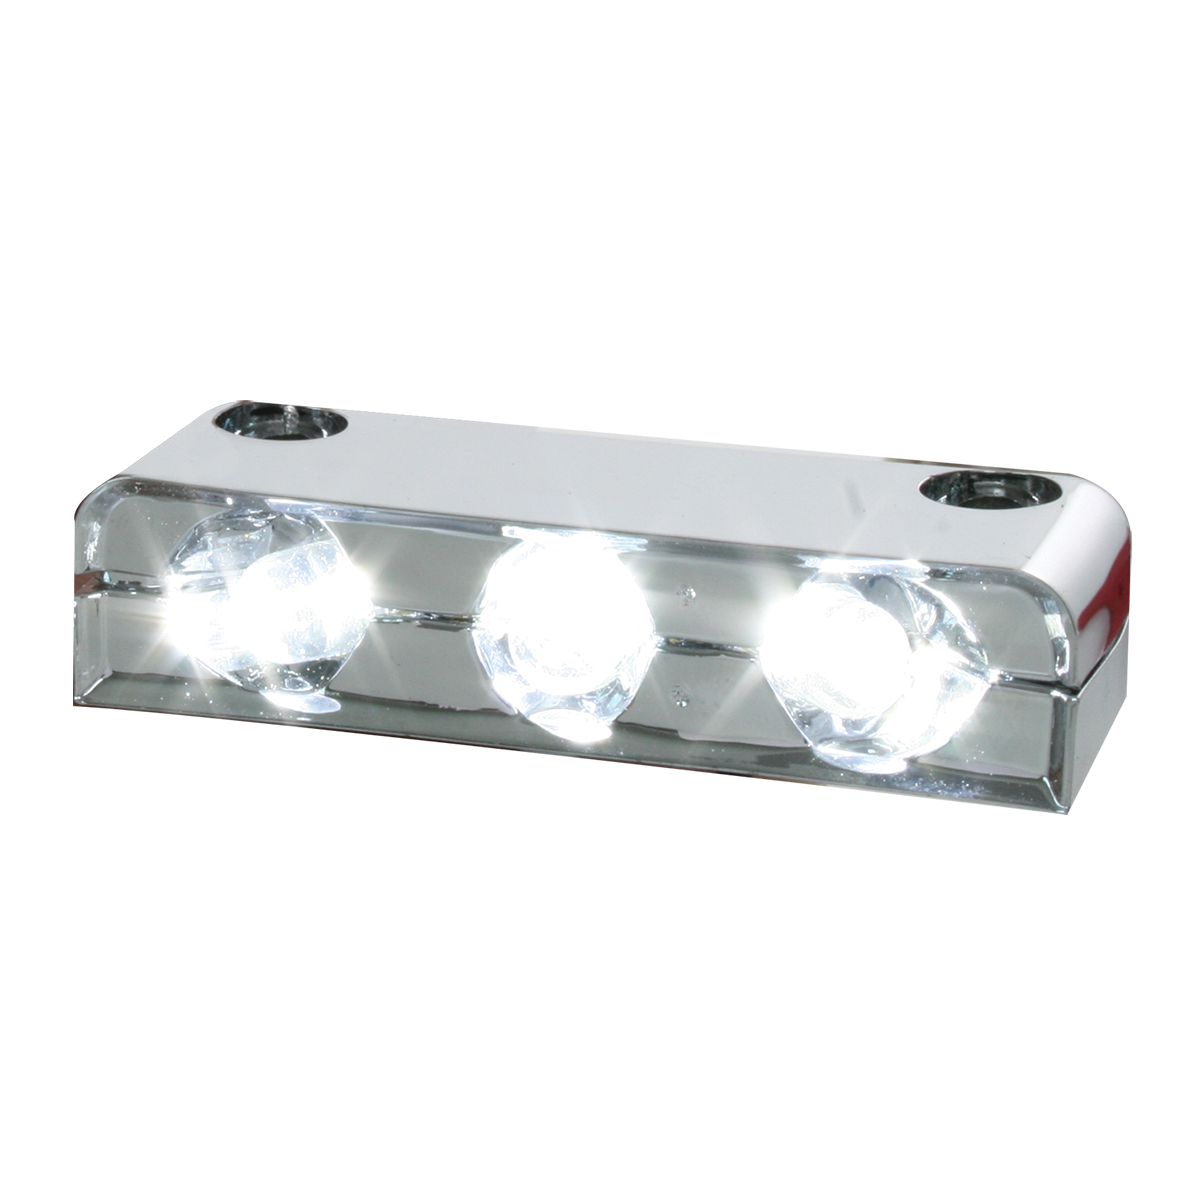 87404 White 3 LED Step Light w/ Chrome Housing